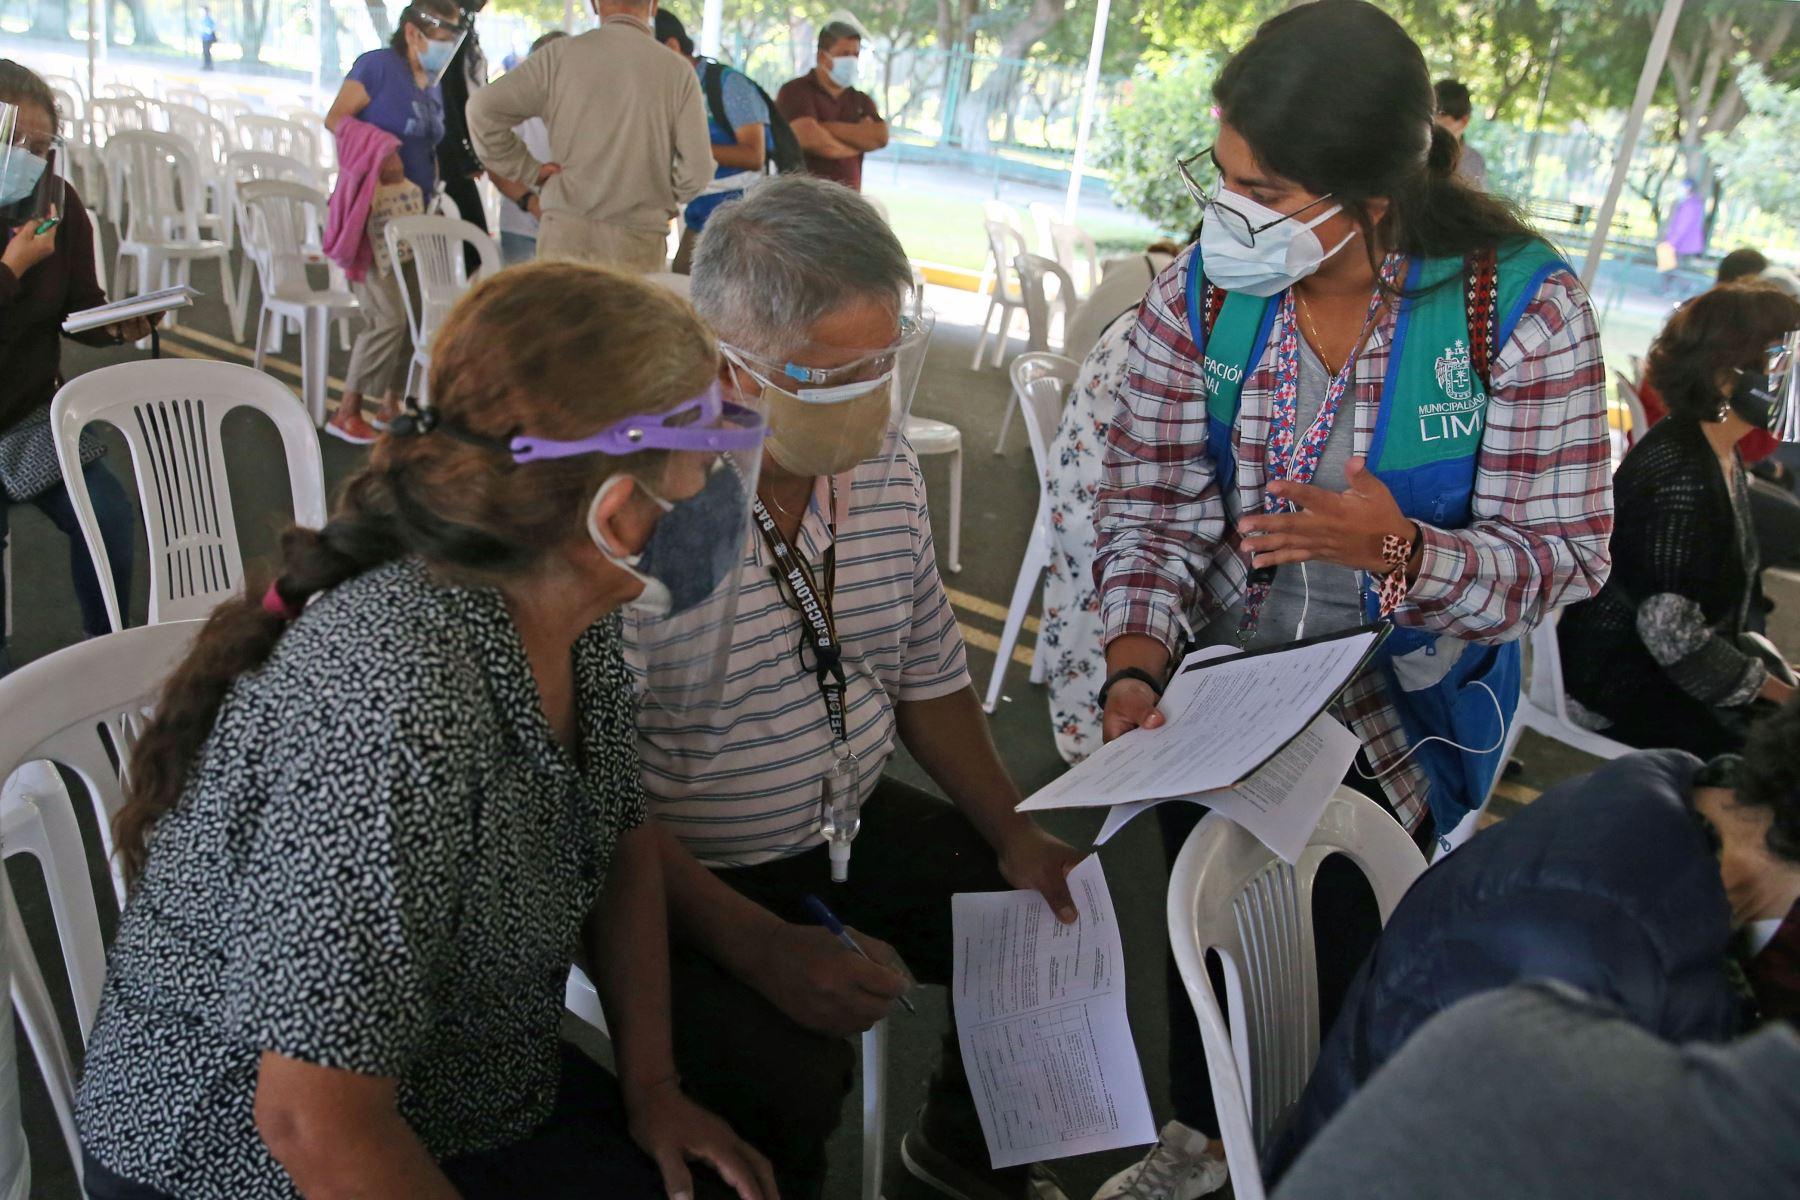 Continúa el proceso de inmunización contra la covid-19 a los adultos mayores de 70 años, que viene desarrollándose en el marco de la estrategia gubernamental de vacunación territorial universal en Campo de Marte.  Foto: ANDINA/Vidal Tarqui